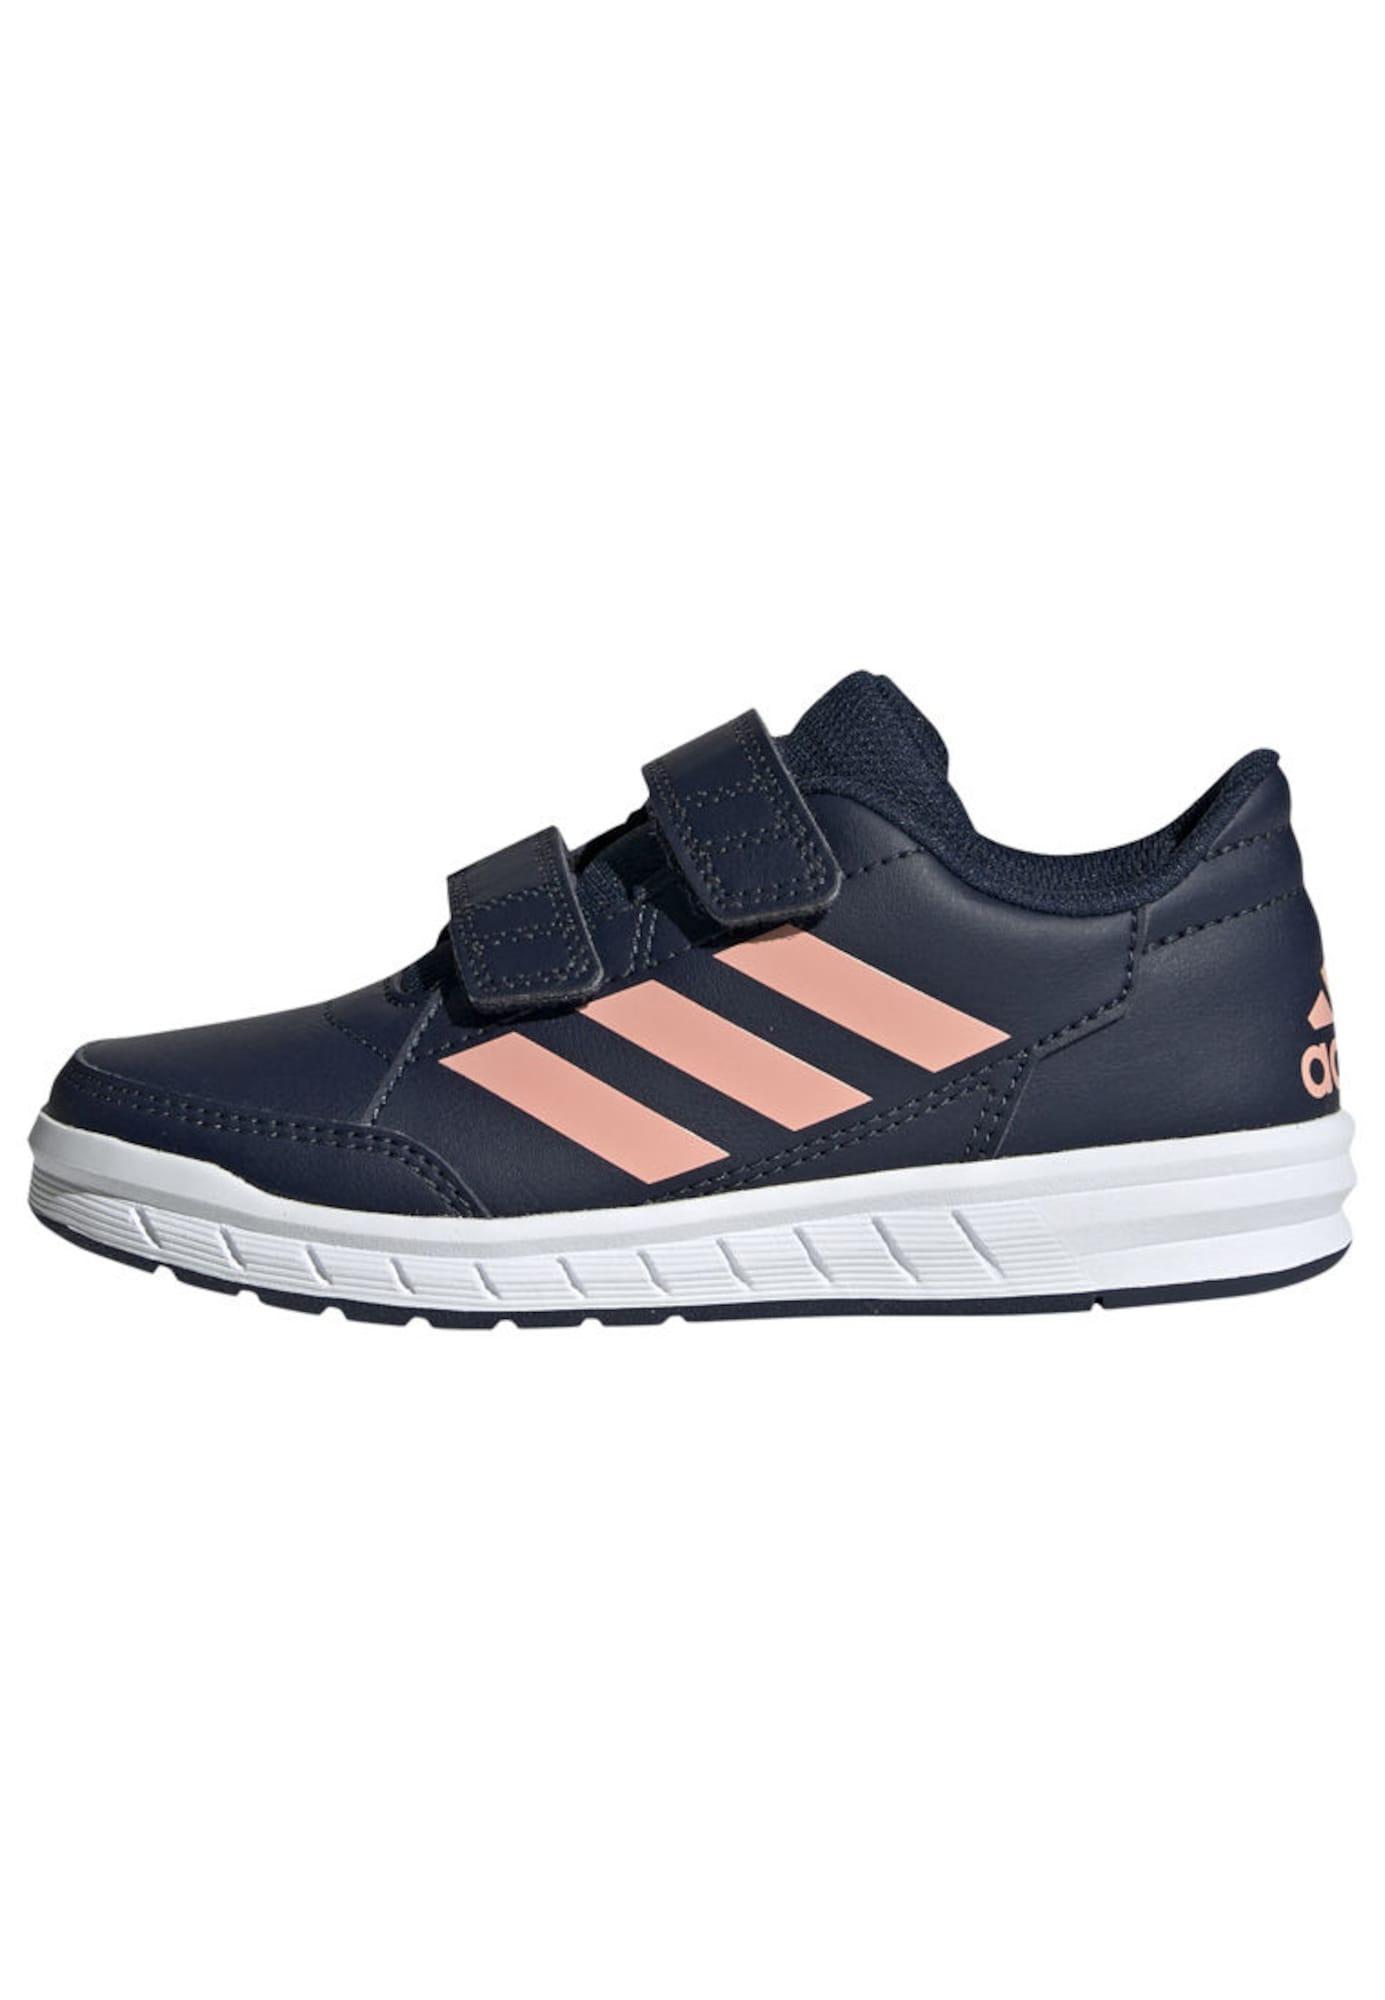 Sportovní boty AltaSport CF K námořnická modř starorůžová ADIDAS PERFORMANCE